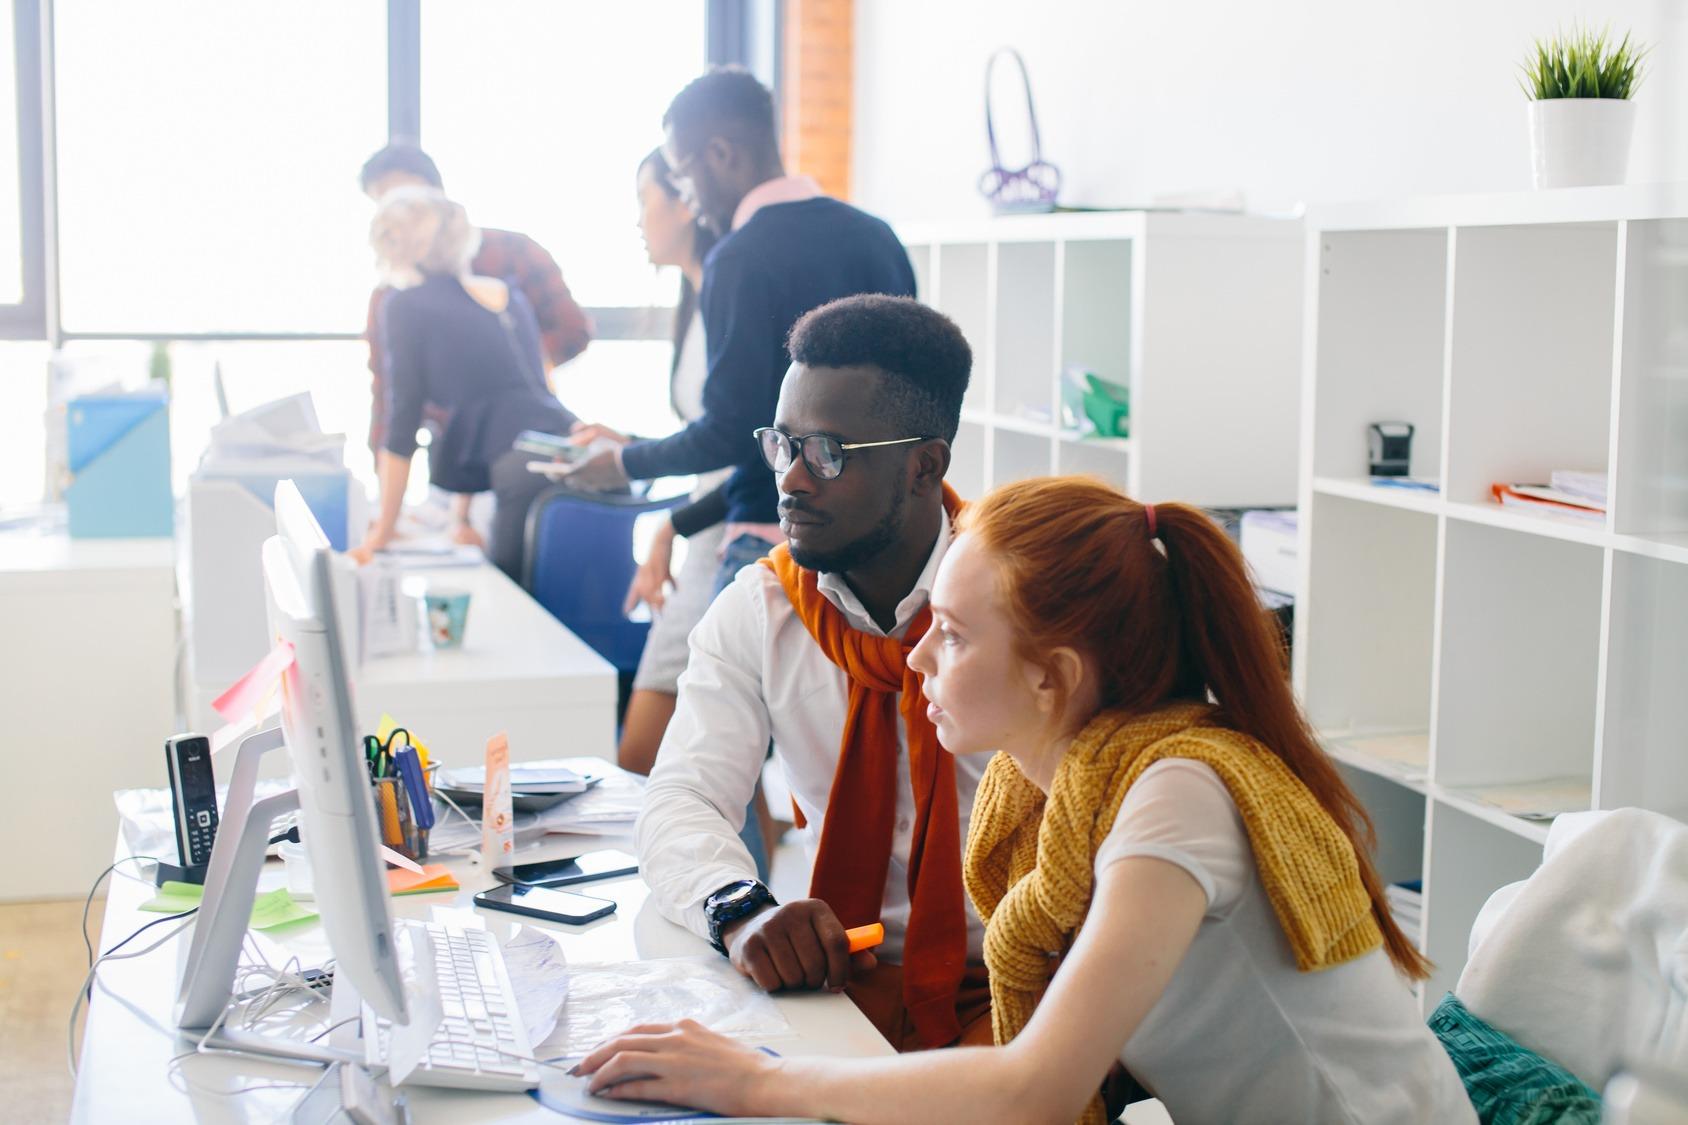 Eine neue Mitarbeiterin sitzt gemeinsam mit ihrem neuen Arbeitskollegen am Schreibtisch und wird eingelernt.